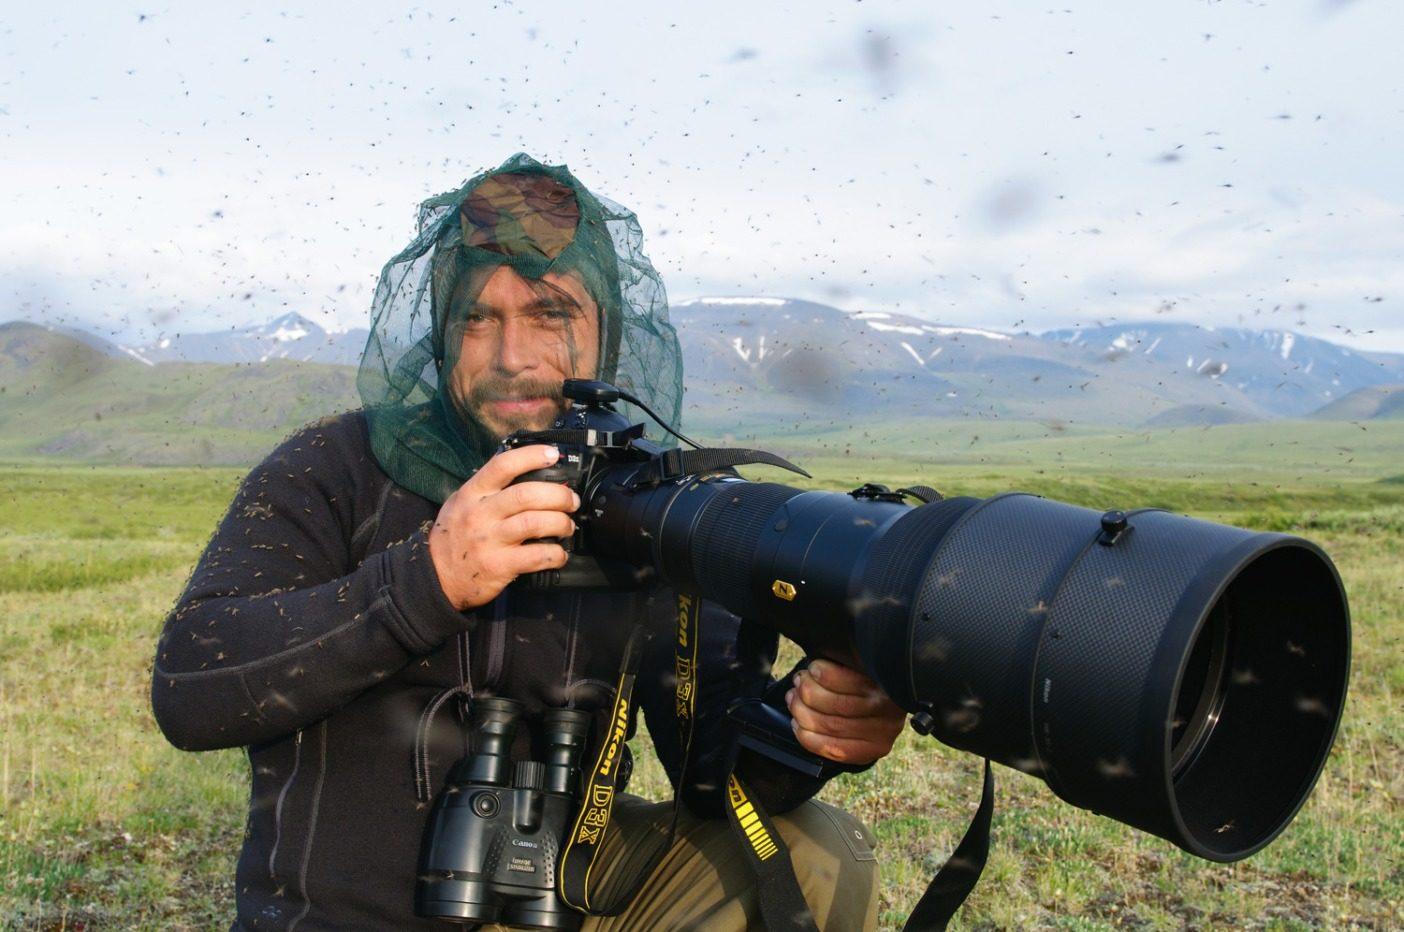 北極圏の遊牧民:写真家フロリアン・シュルツとのインタビュー